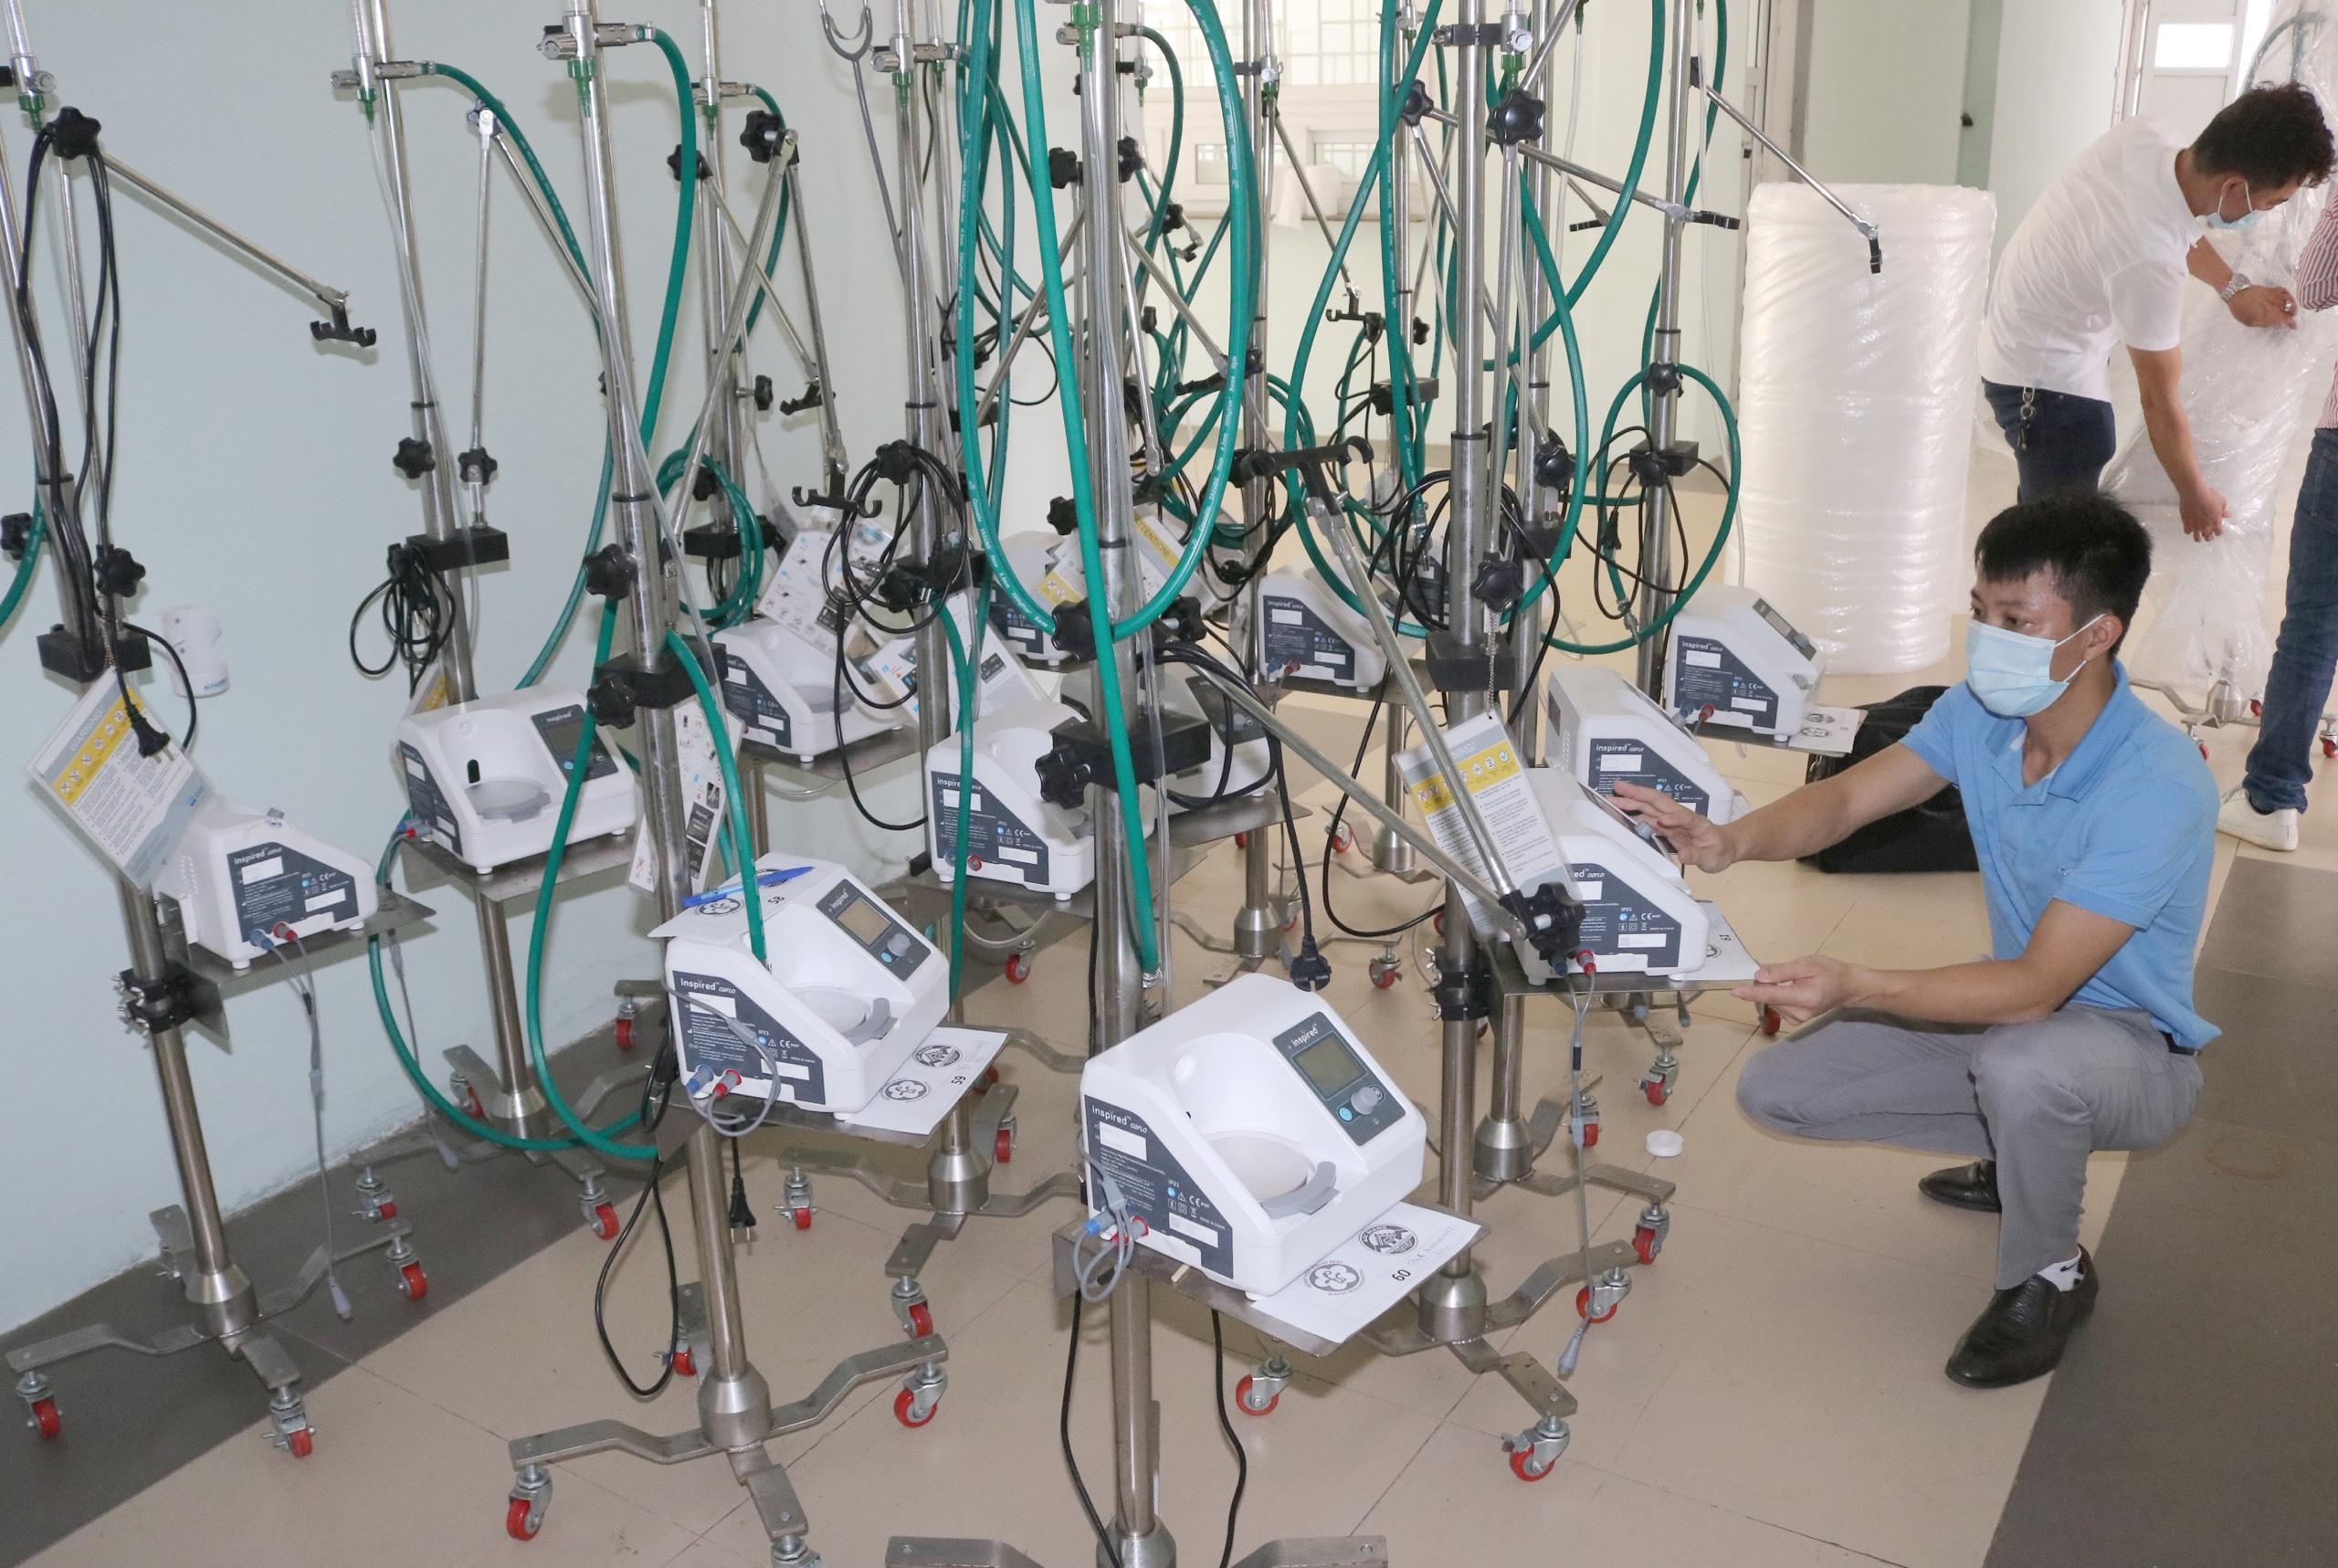 Chuyến tàu đặc biệt chở hàng trăm máy móc, thiết bị y tế chi viện TP.HCM